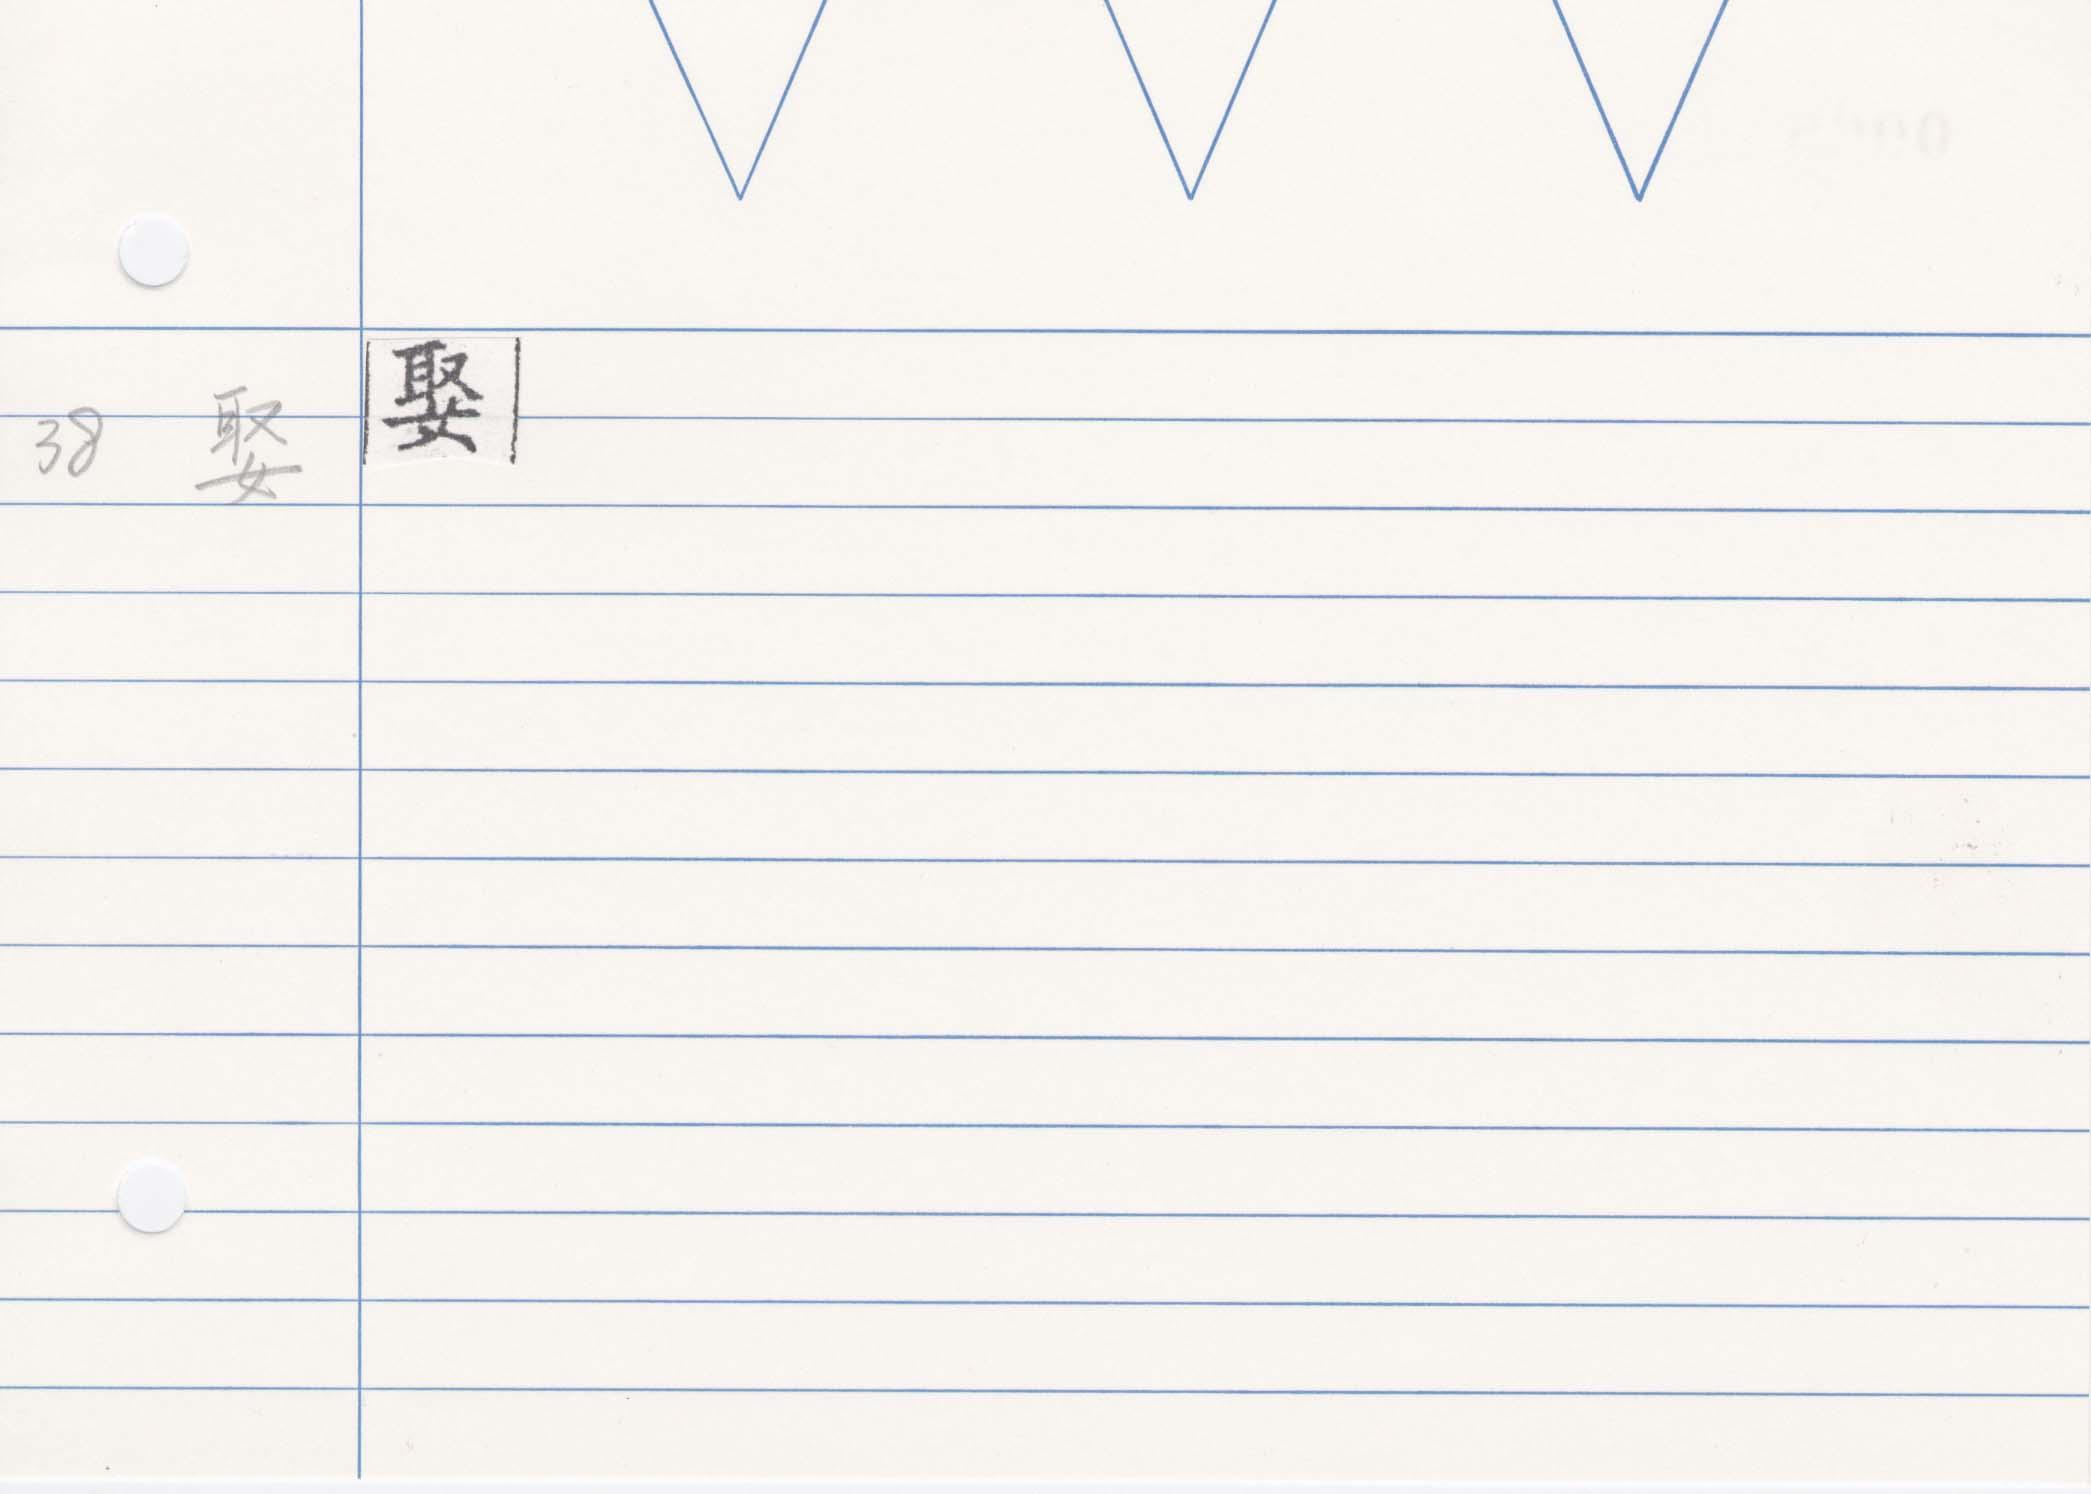 26_齊民要術卷五(高山寺本)/cards/0065.jpg